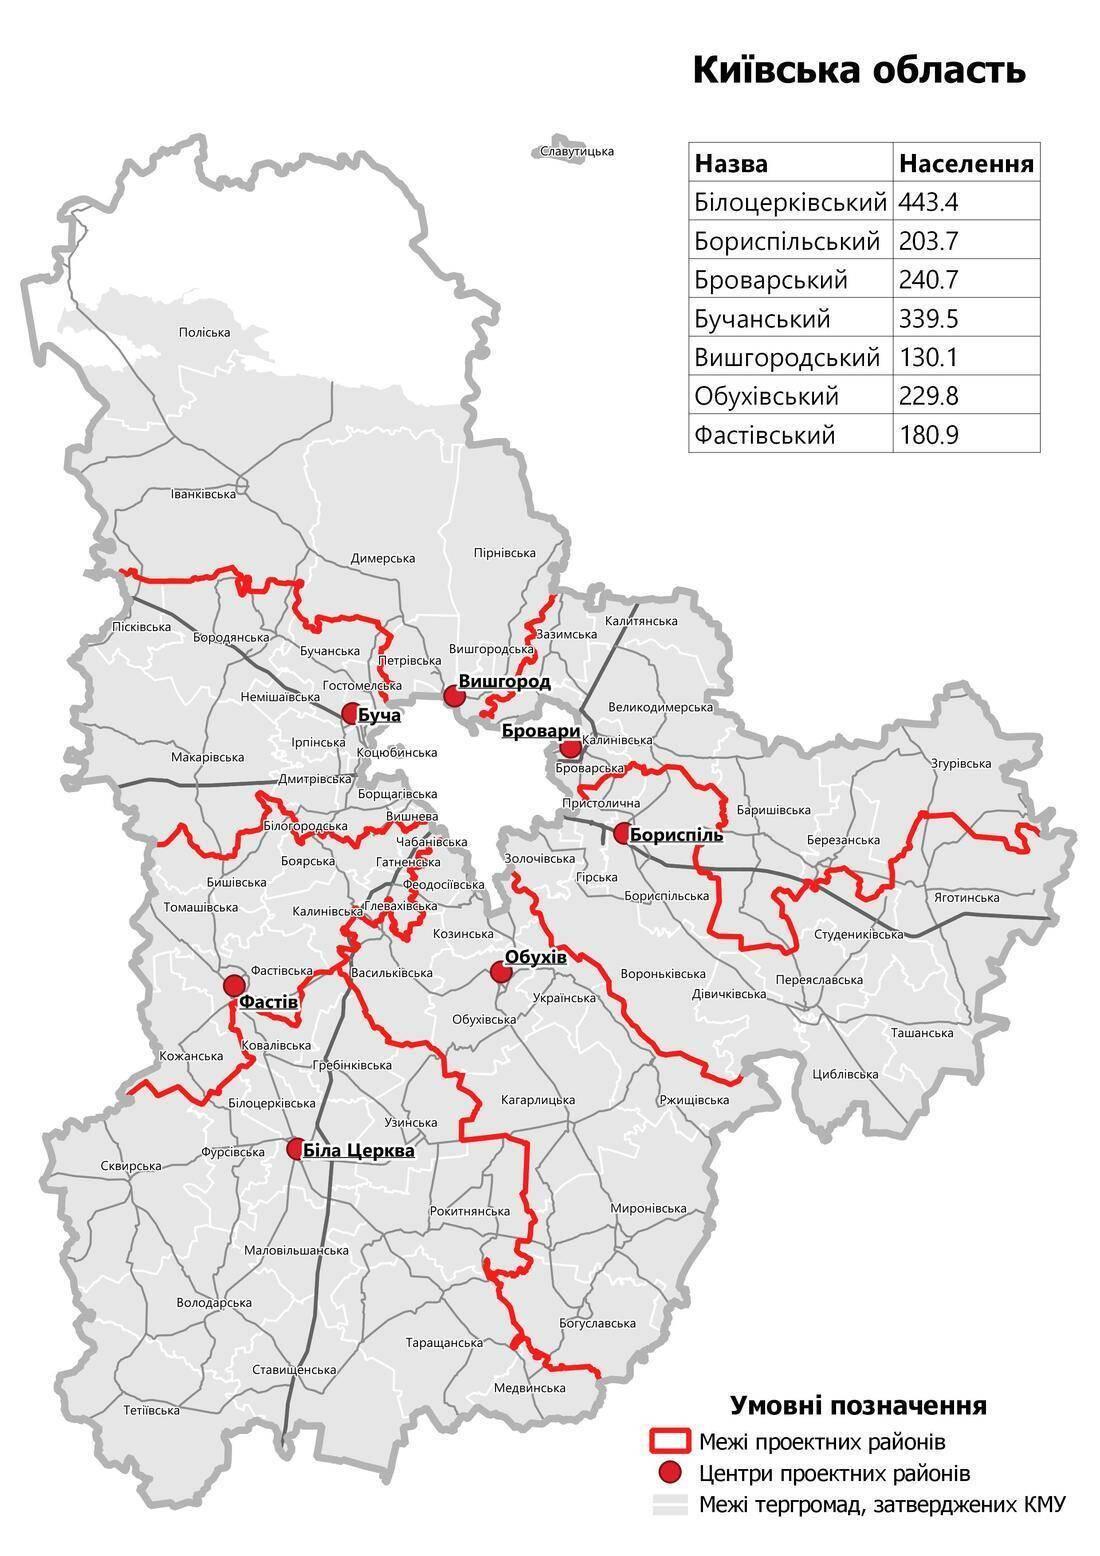 Карта новых районов Киевской области